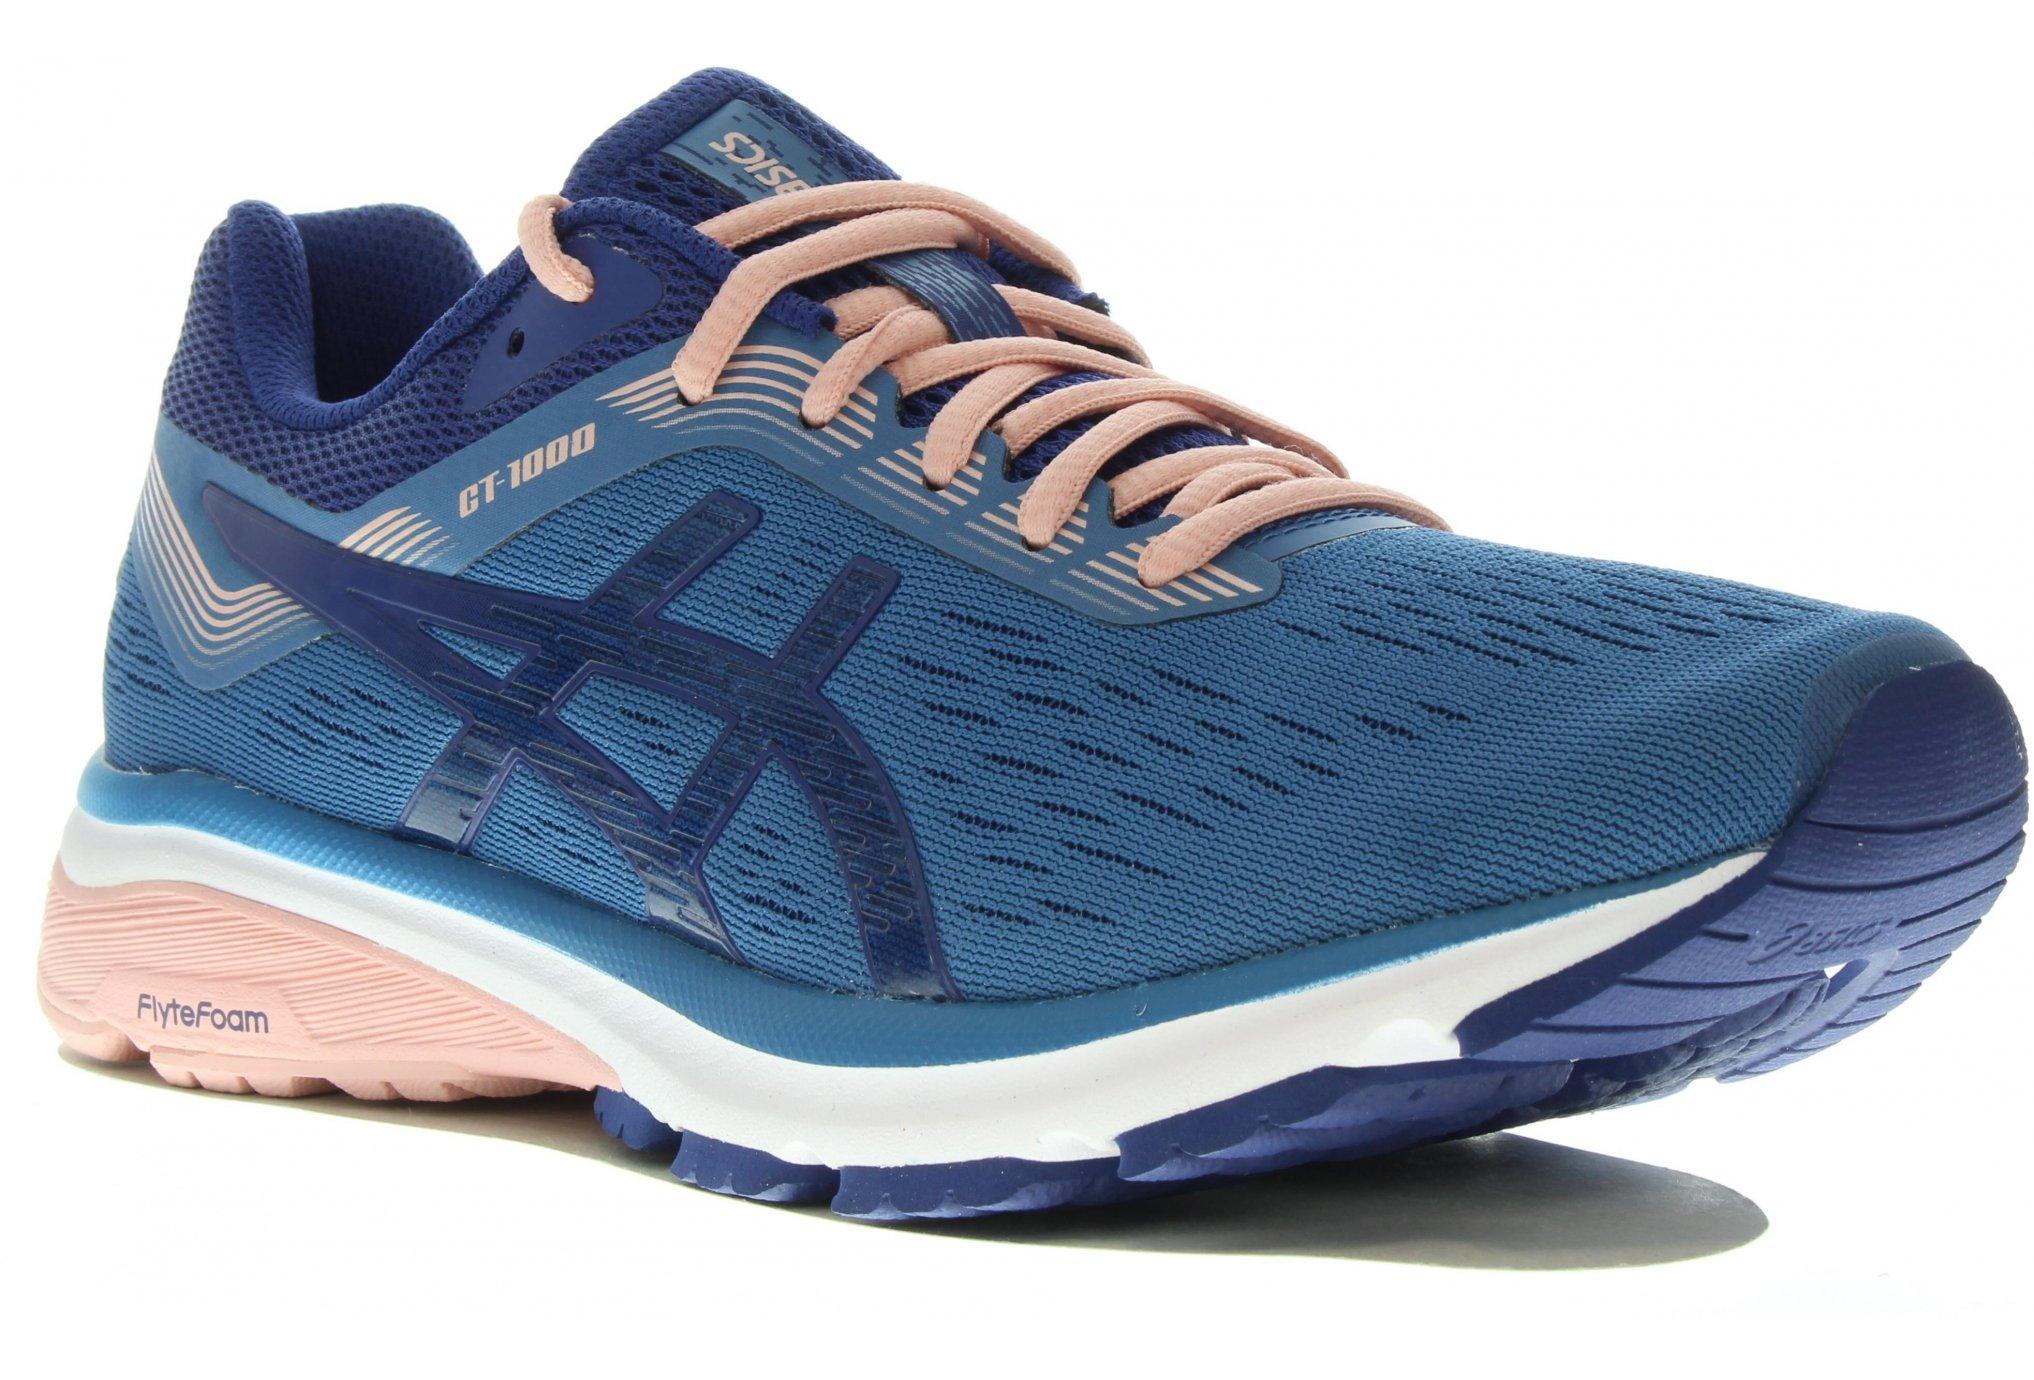 Asics GT-1000 7 W Chaussures running femme